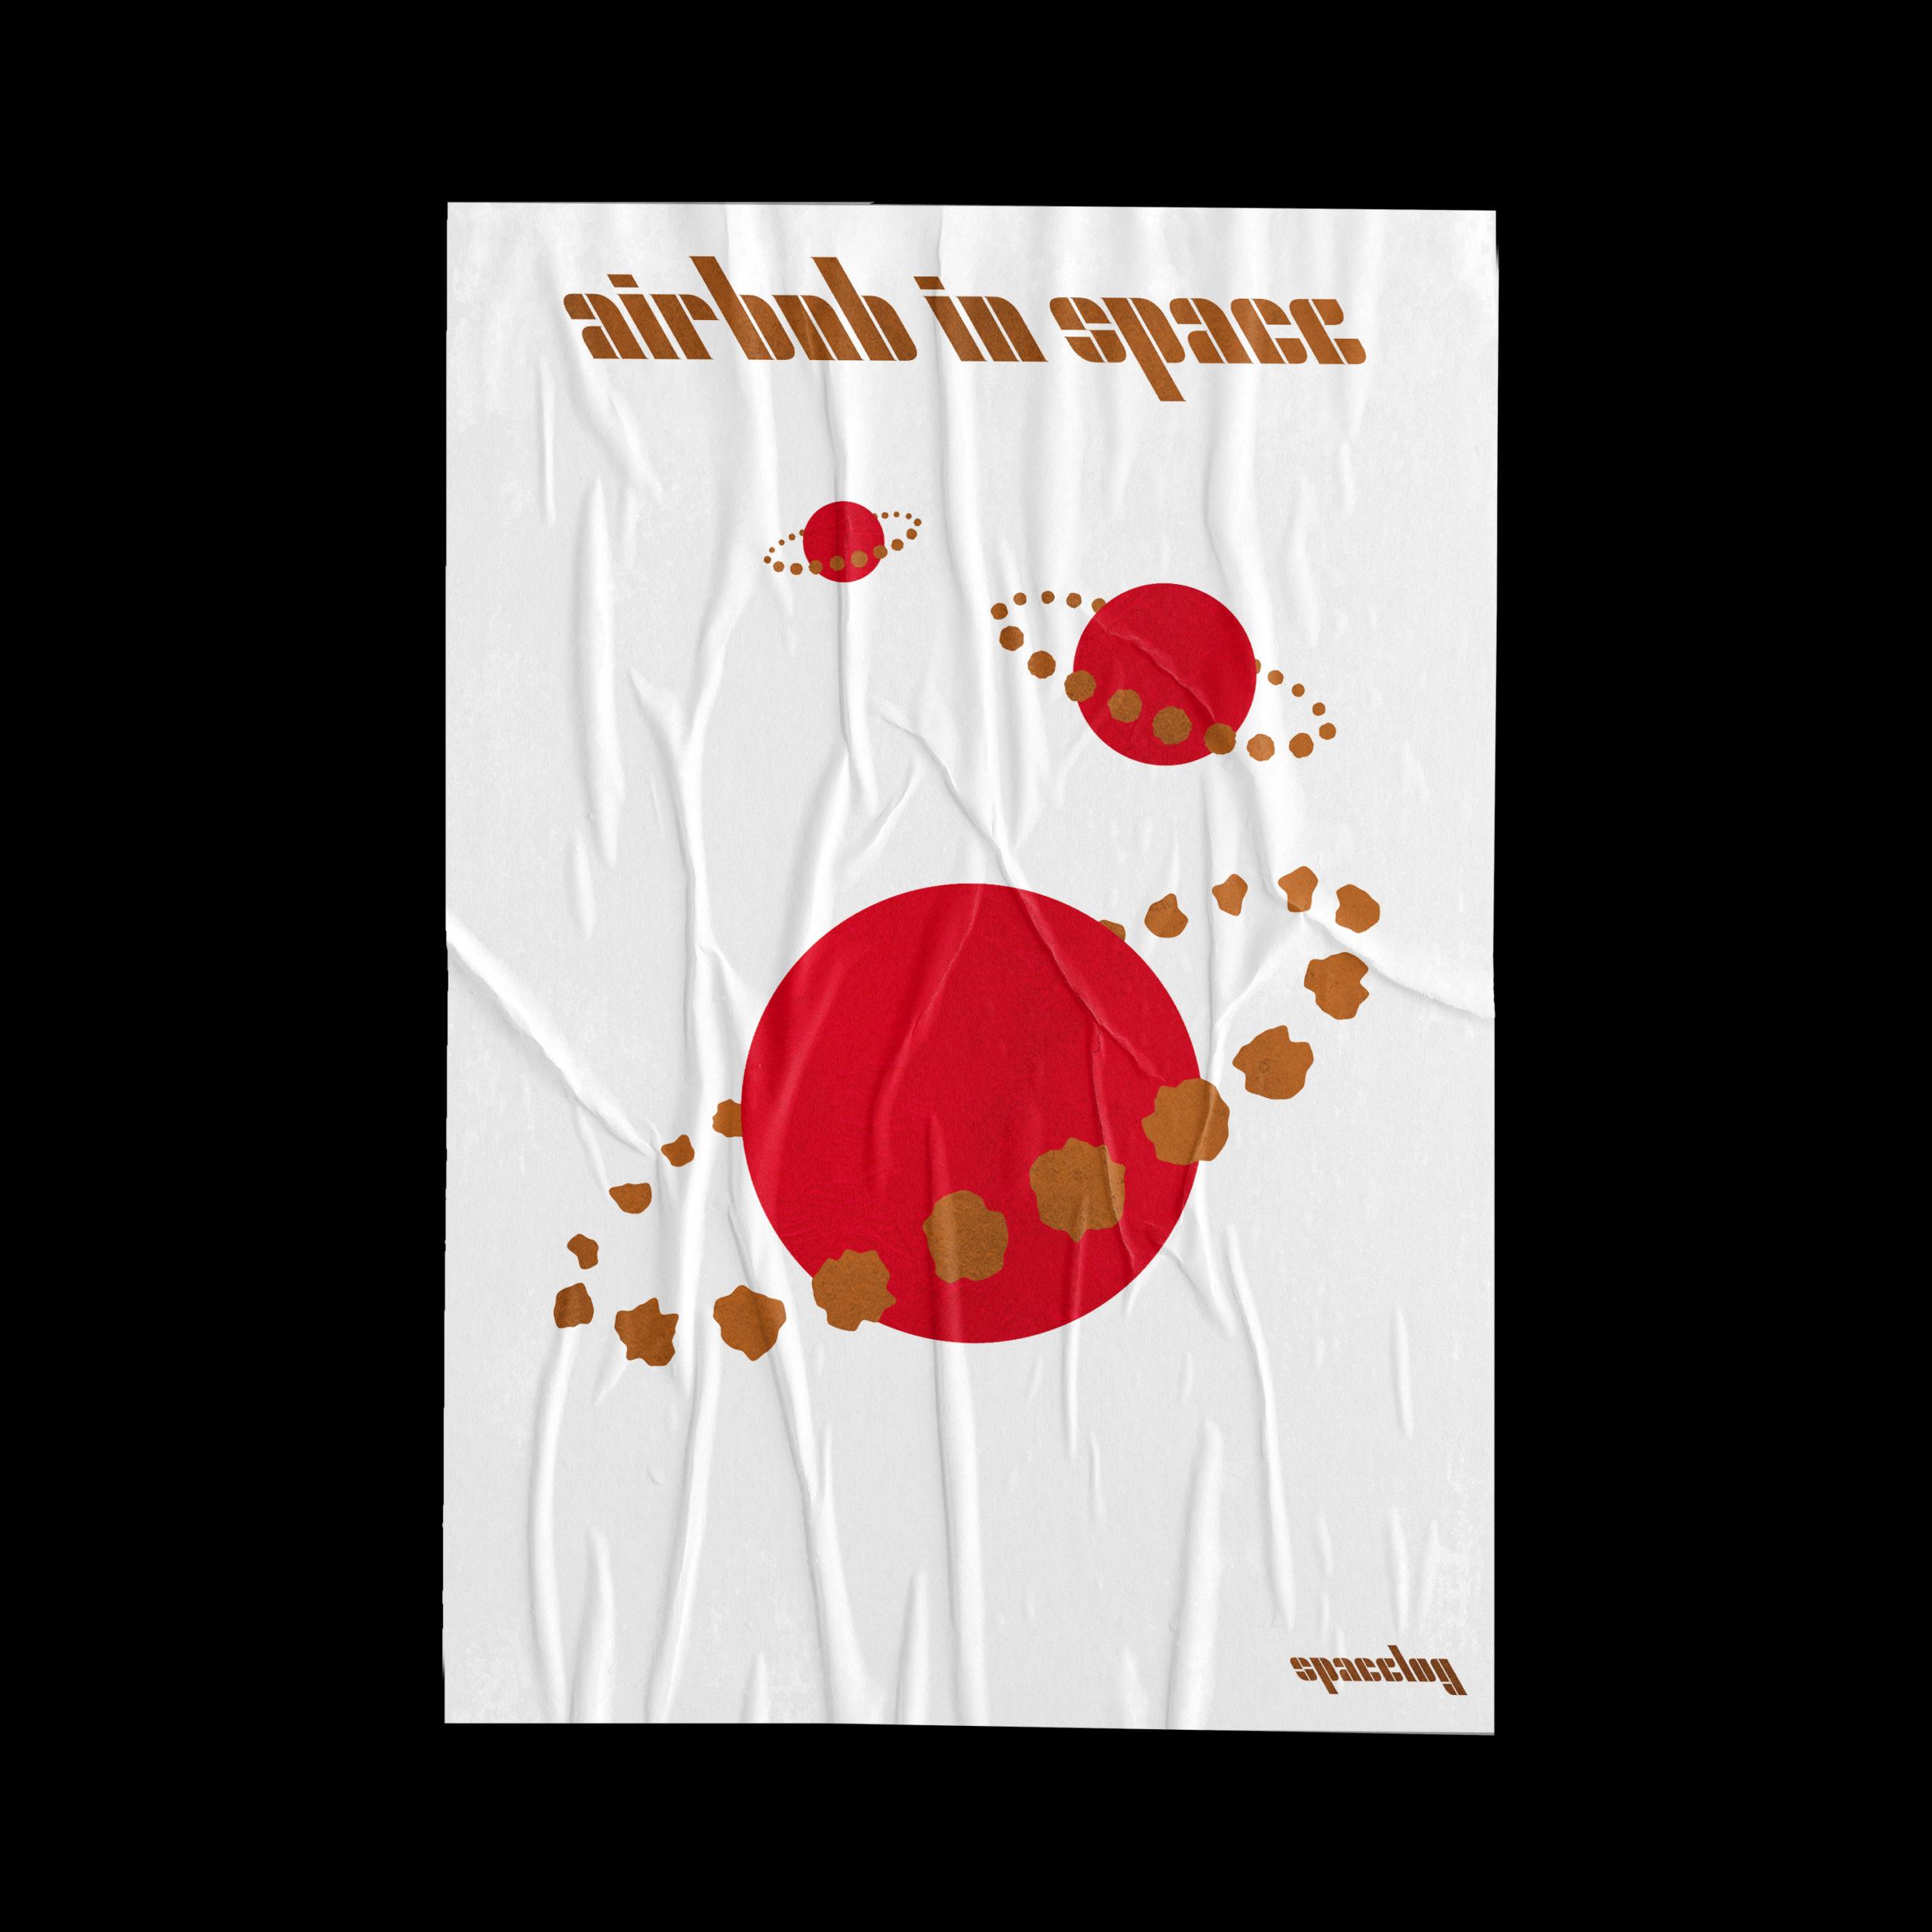 200308_Spacelog_Poster_MockUp_01